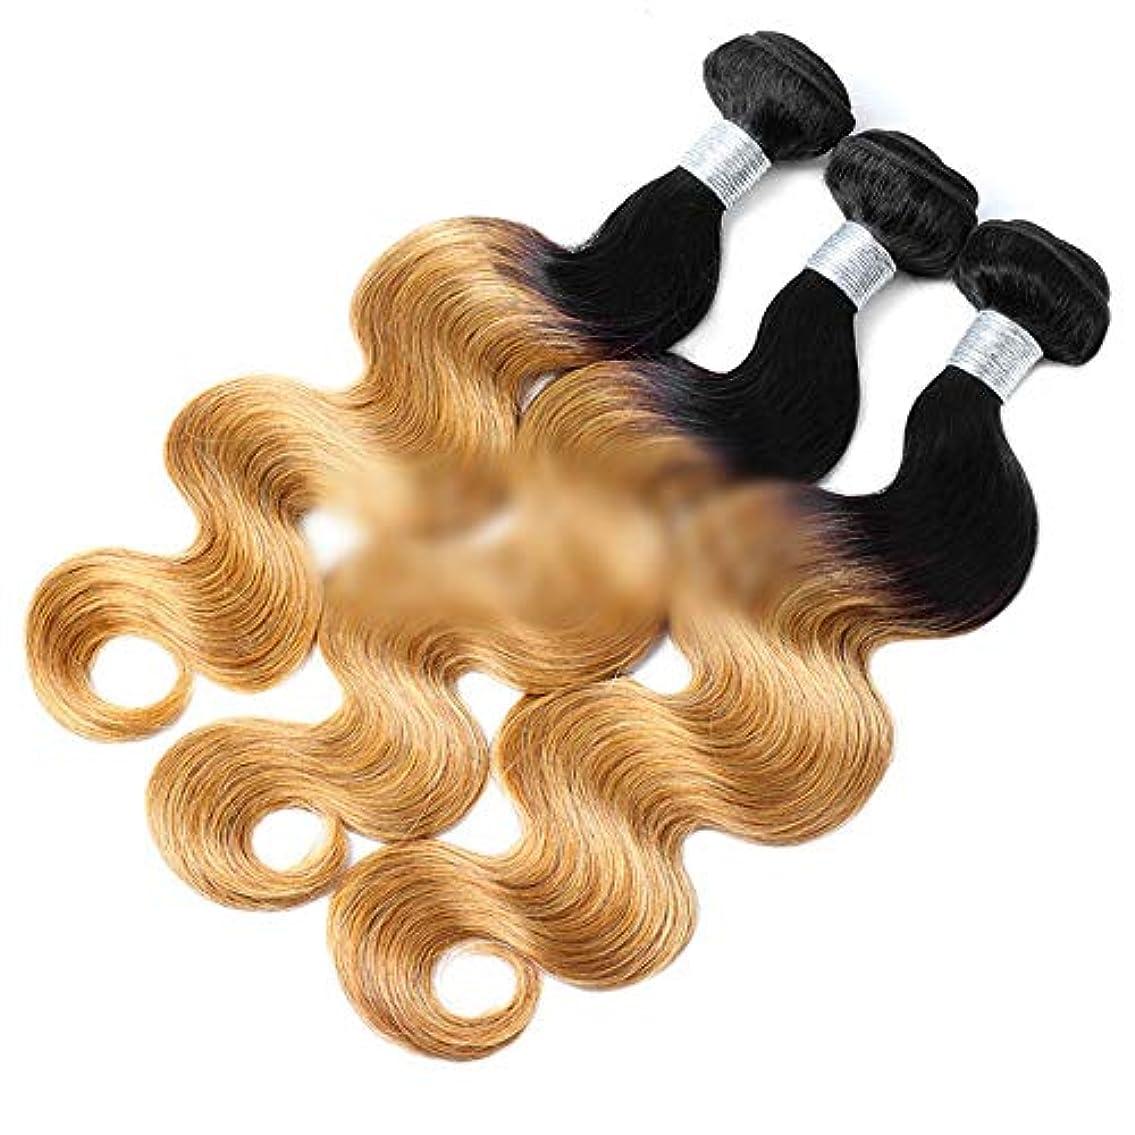 前提条件ピューフォークWASAIO ブラジルオンブル人毛ウェーブストレートバンドルボディバンドル不機嫌ルーツをクリップグラデーションブロンドの拡張機能(12インチ?24インチ) (色 : Blonde, サイズ : 22 inch)